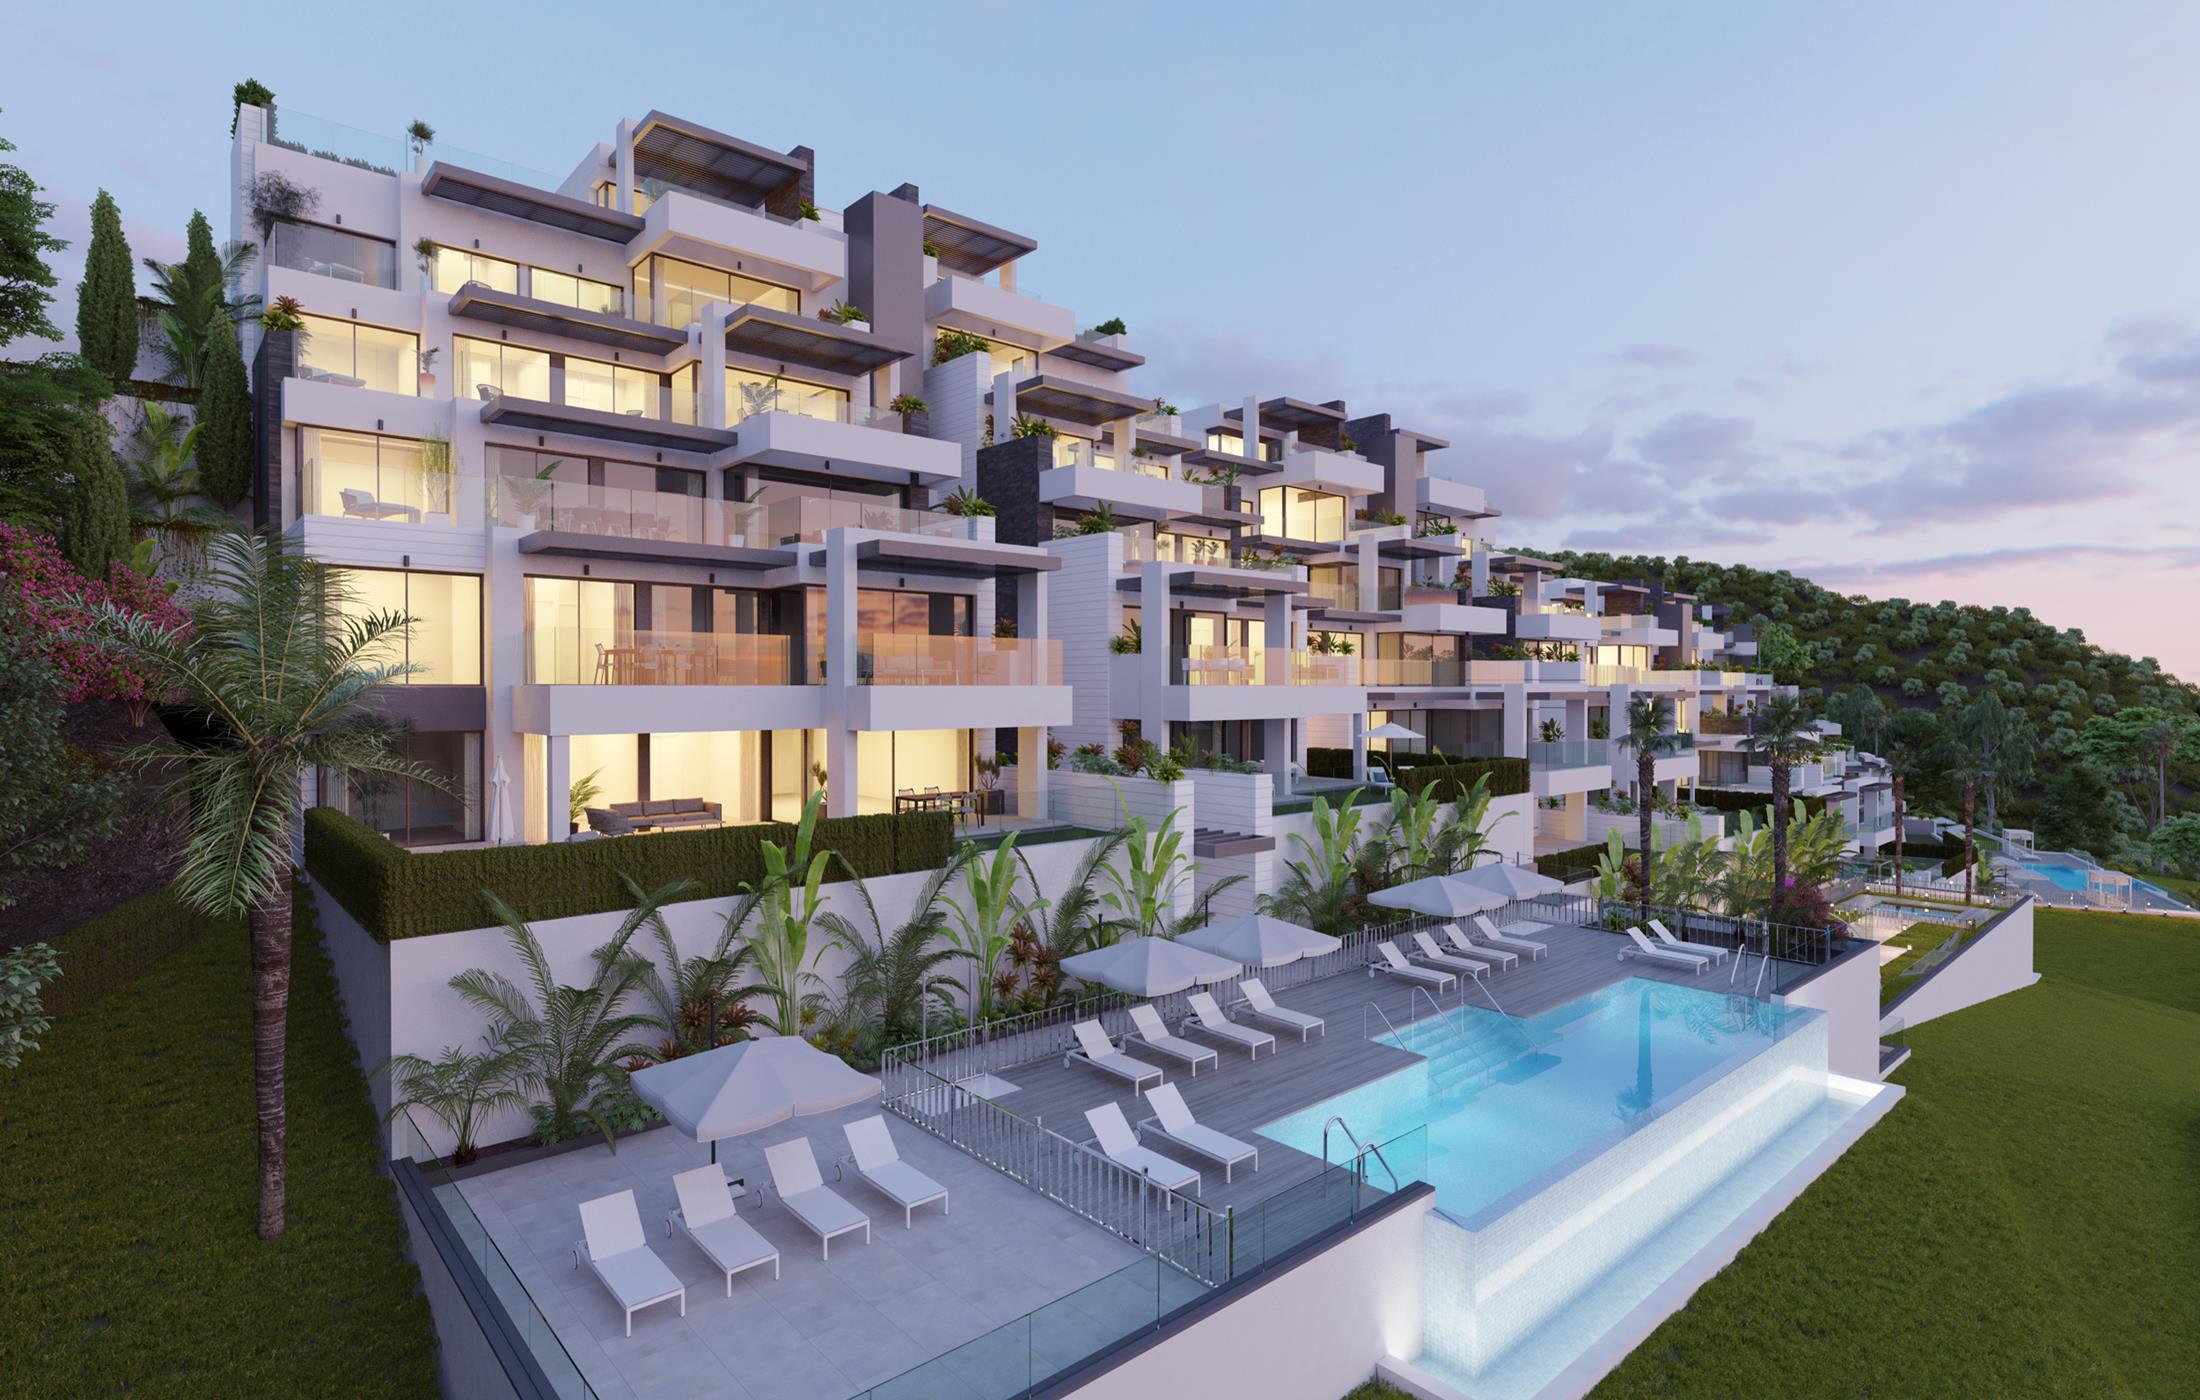 Luxury modern residential in Benahavis.